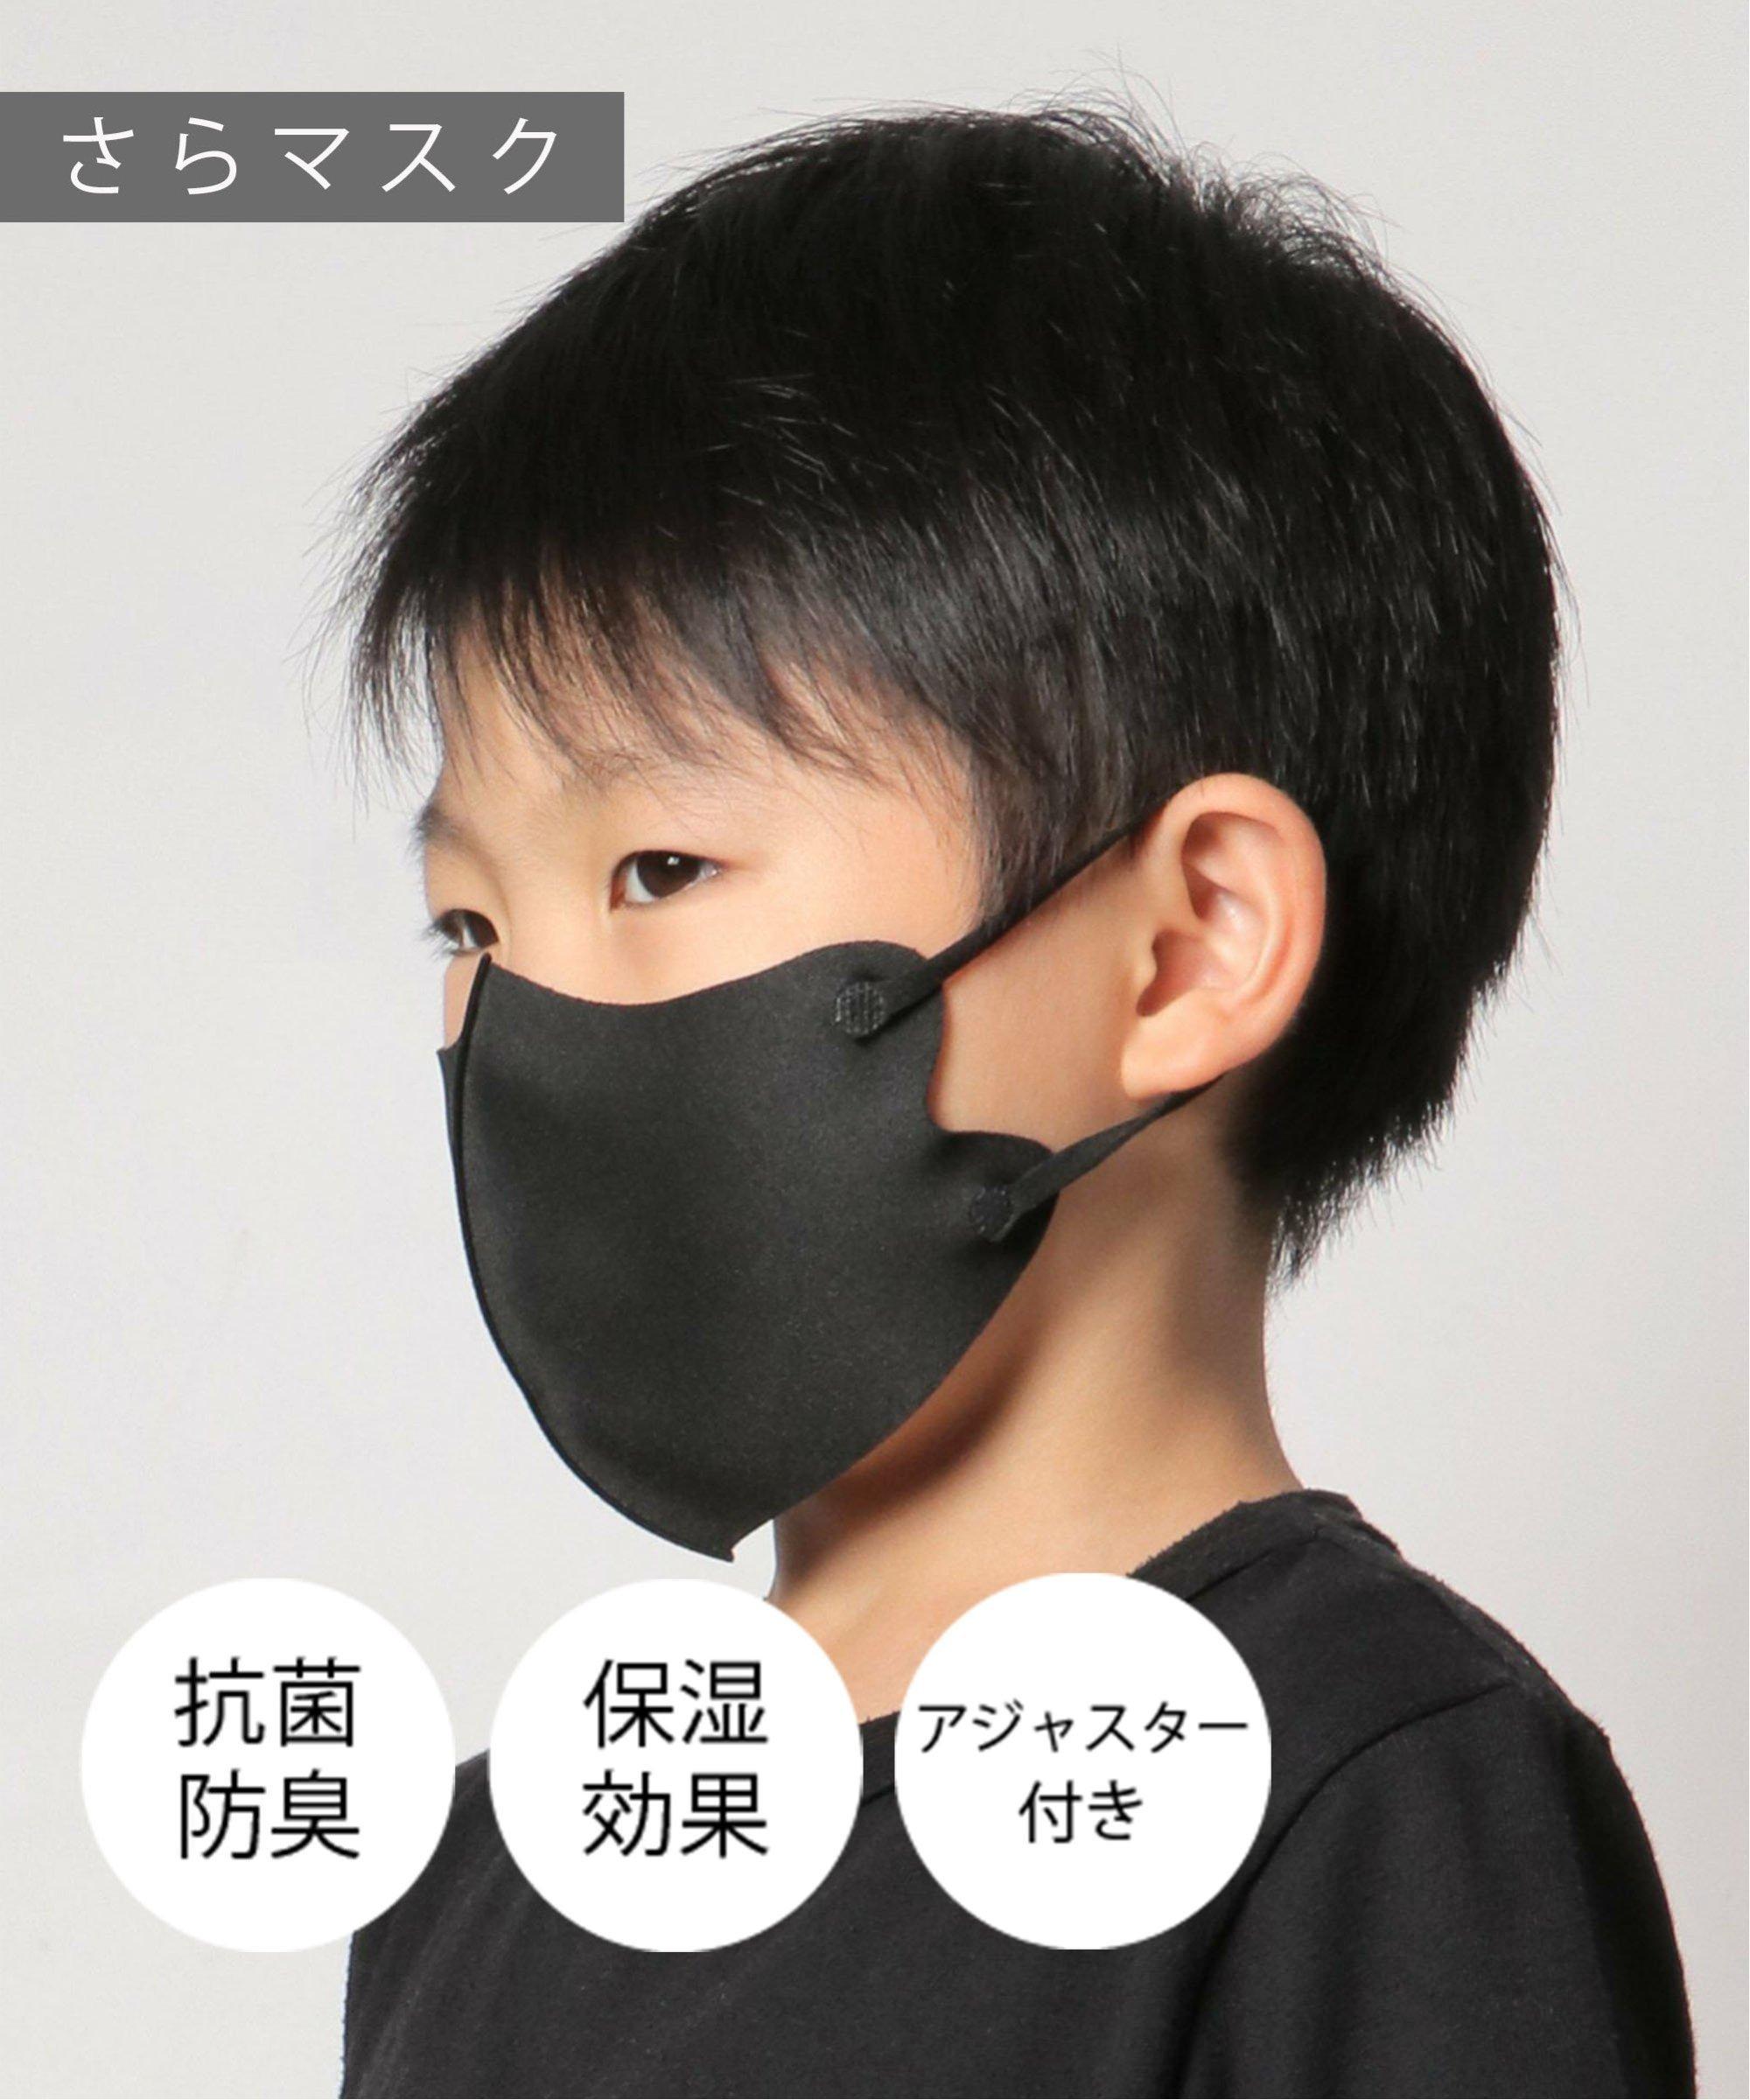 【こども用】 調節ひも付き さらマスク  ブラック